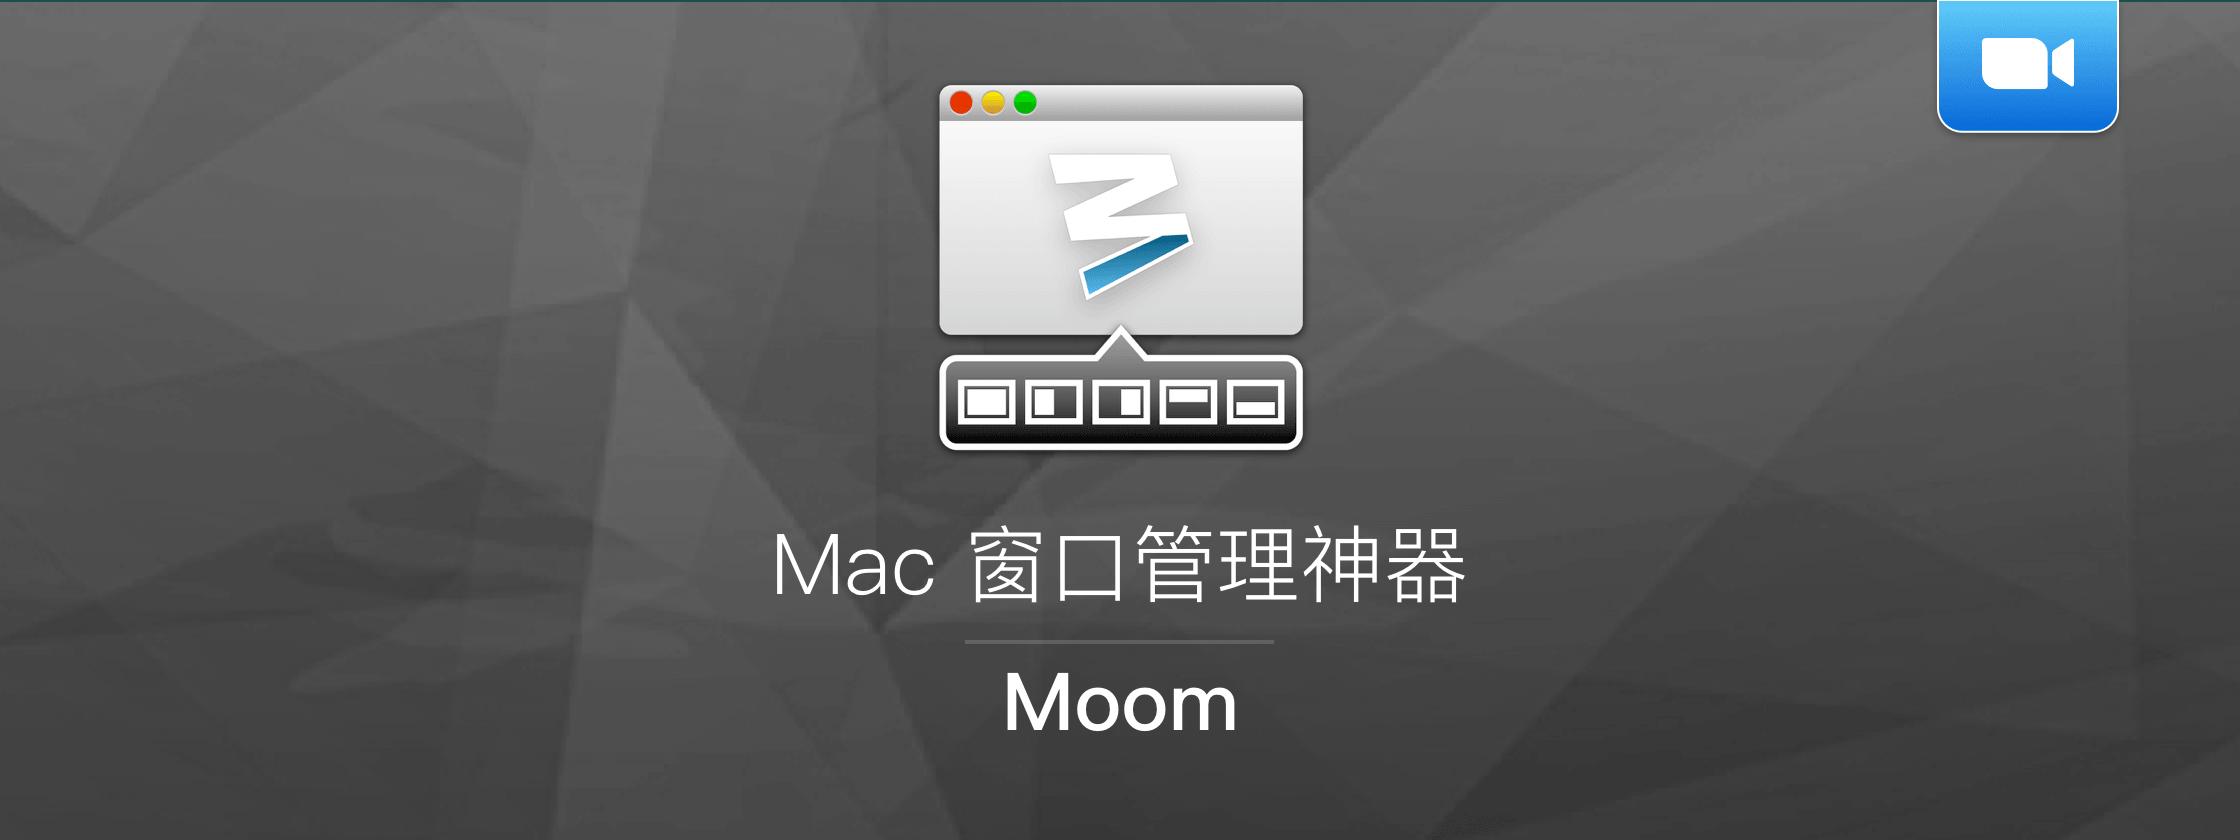 【视频】Moom,Mac 窗口管理神器